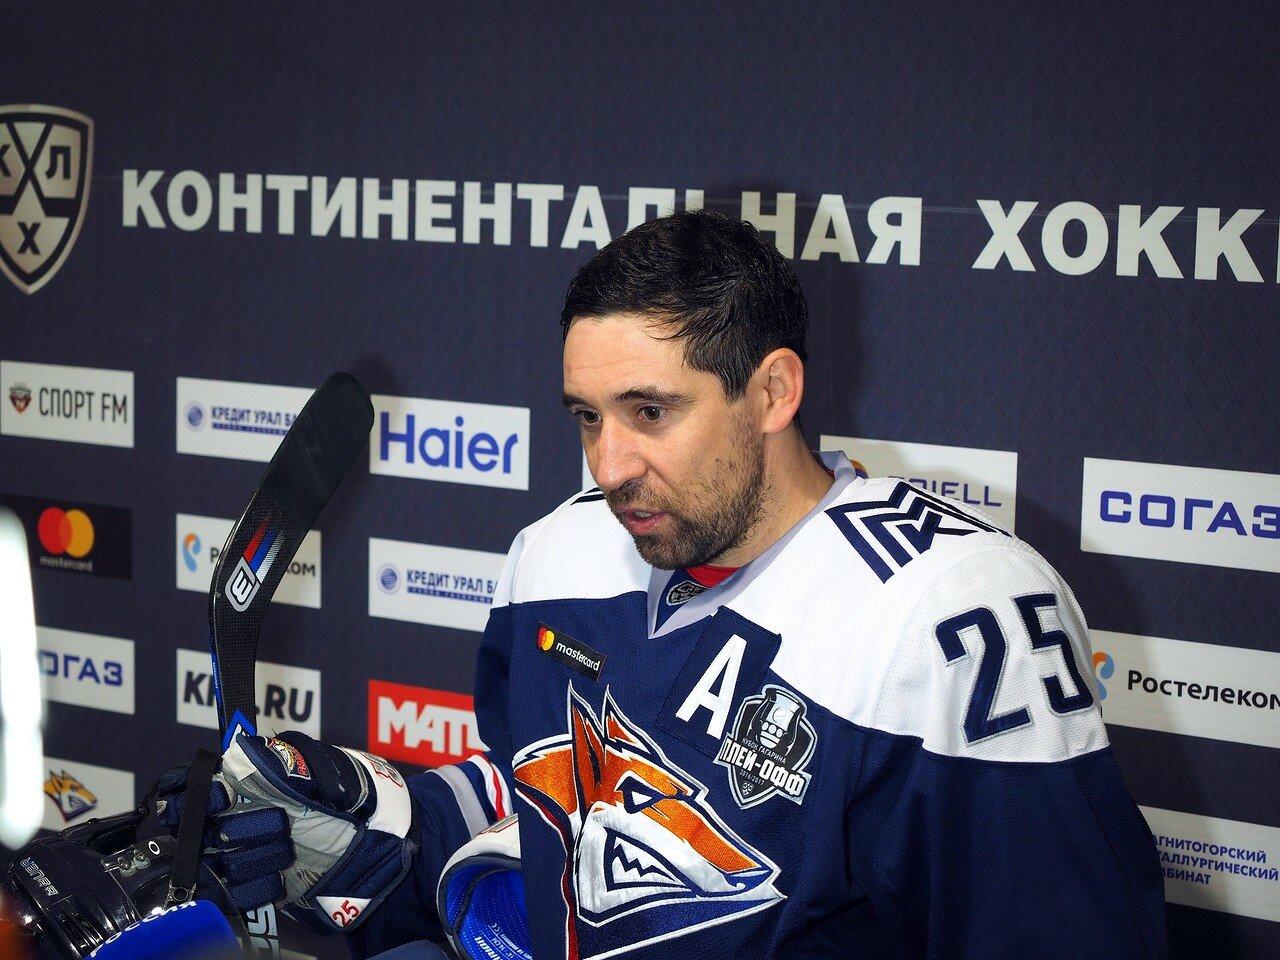 173 Металлург - Куньлунь РС 02.03.2017